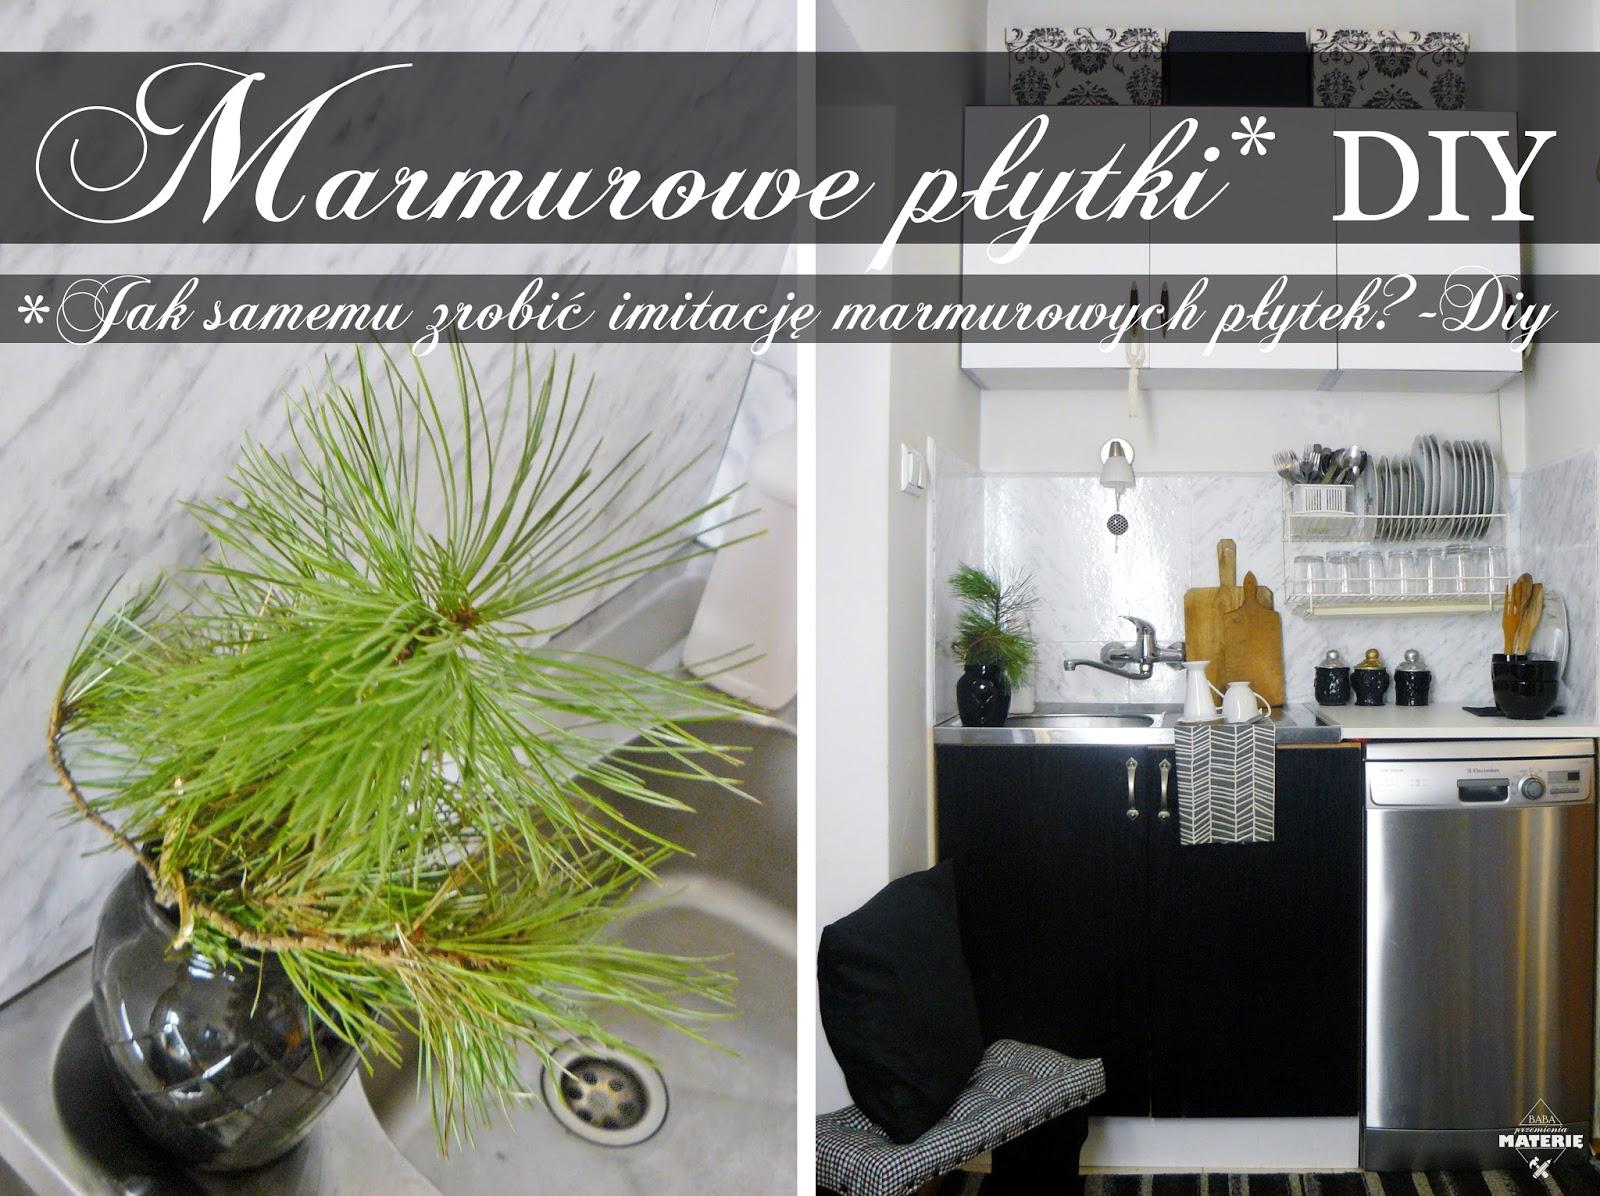 http://babaprzemieniamaterie.blogspot.com/2016/10/jak-zrobic-imitacje-marmurowych-pytek.html#more